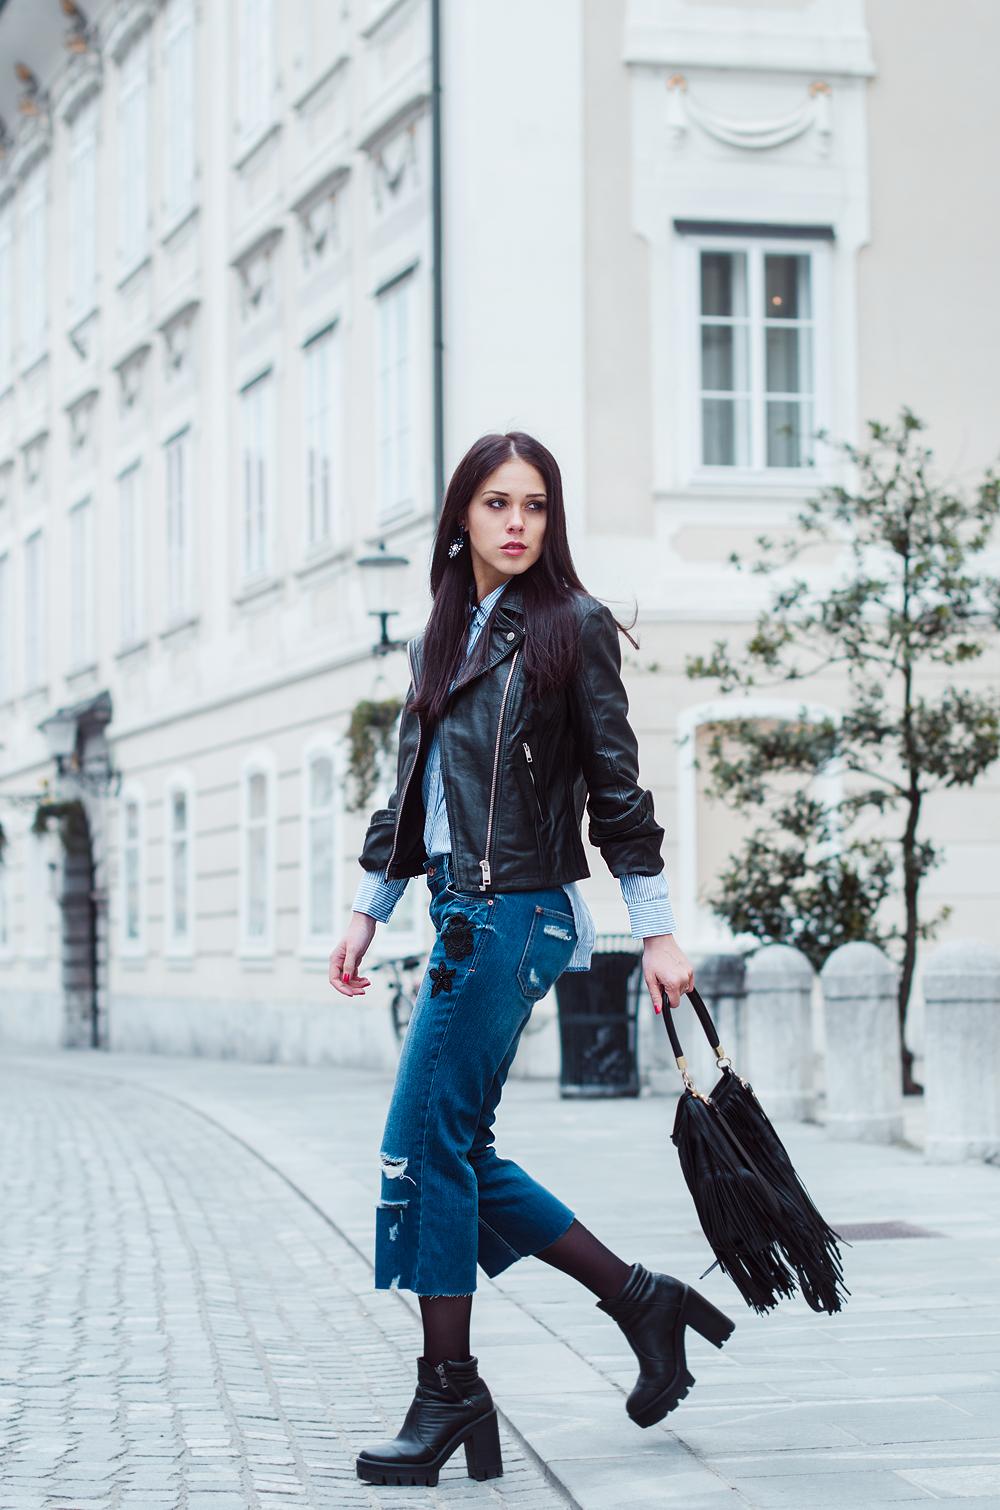 Eva Ahačevčič_Love, Eva_Diesel_leather jacket_Modni dodatki Bling bling_Crop pants_OOTD_Fringes_H&M 3